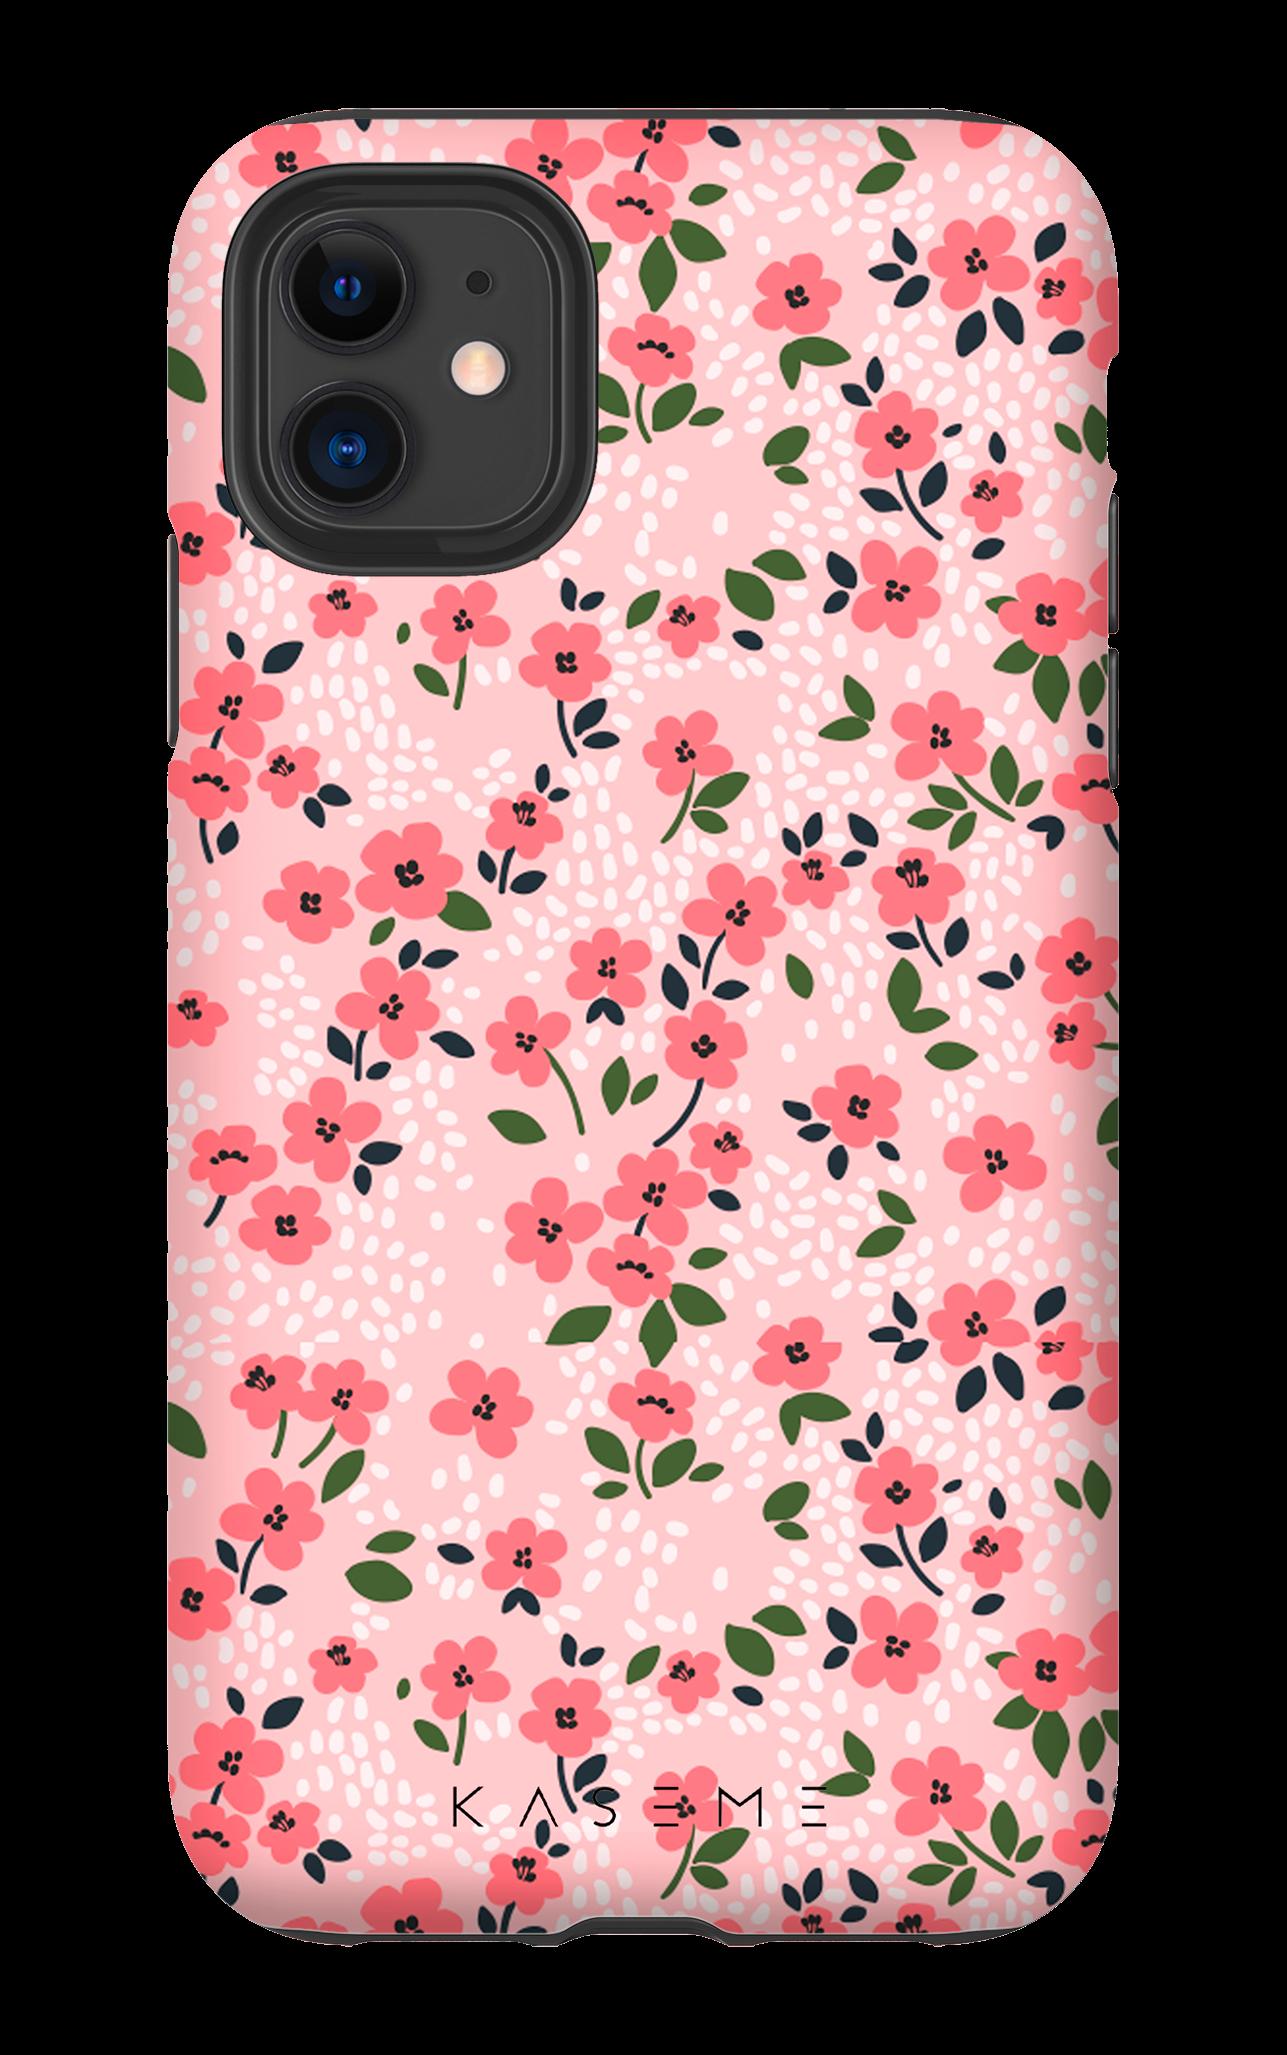 Fantasy phone case